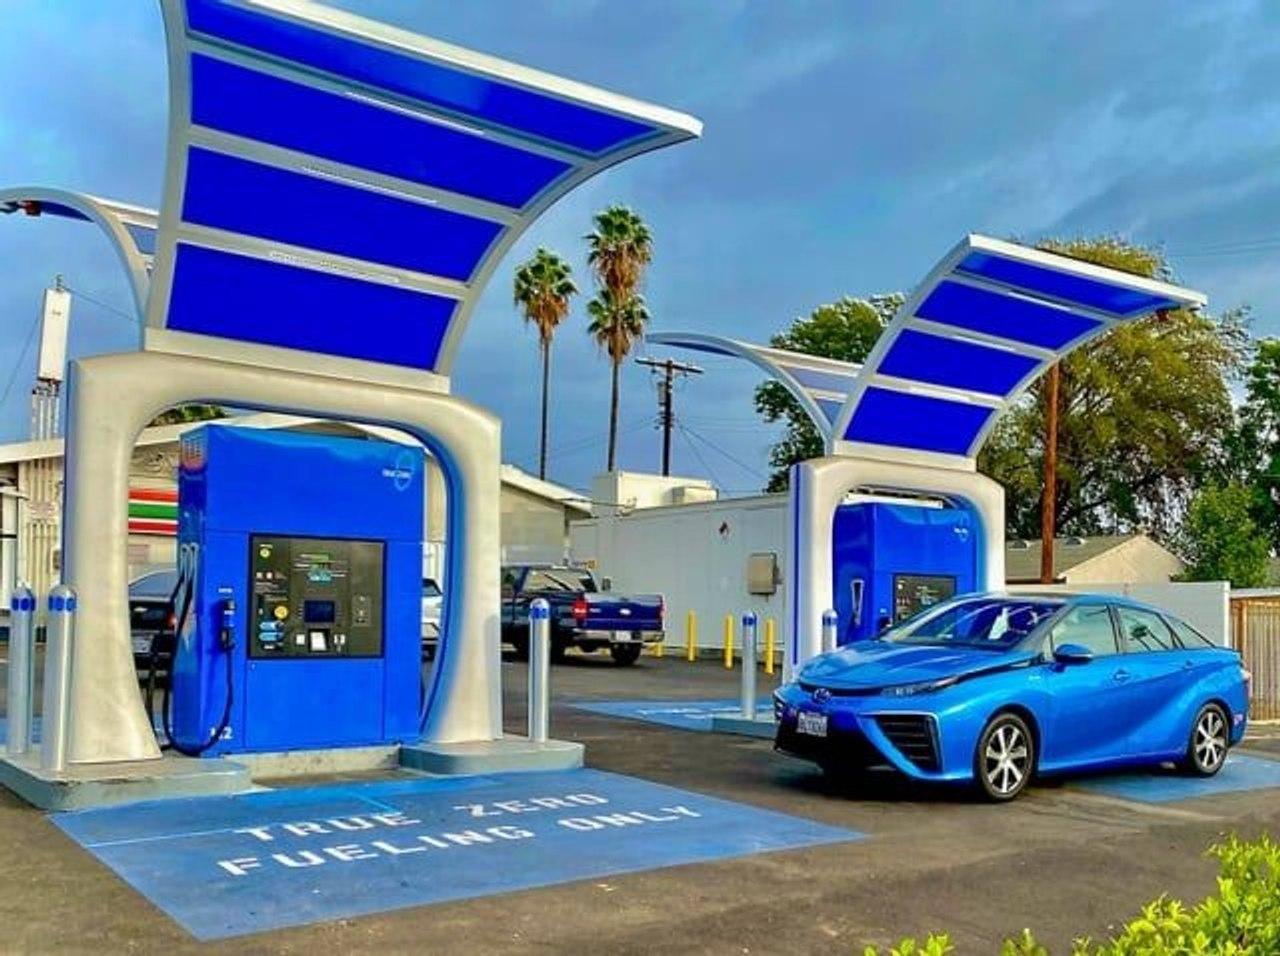 В Калифорнии открыли самую мощную в мире водородную заправочную станцию для автомобилей